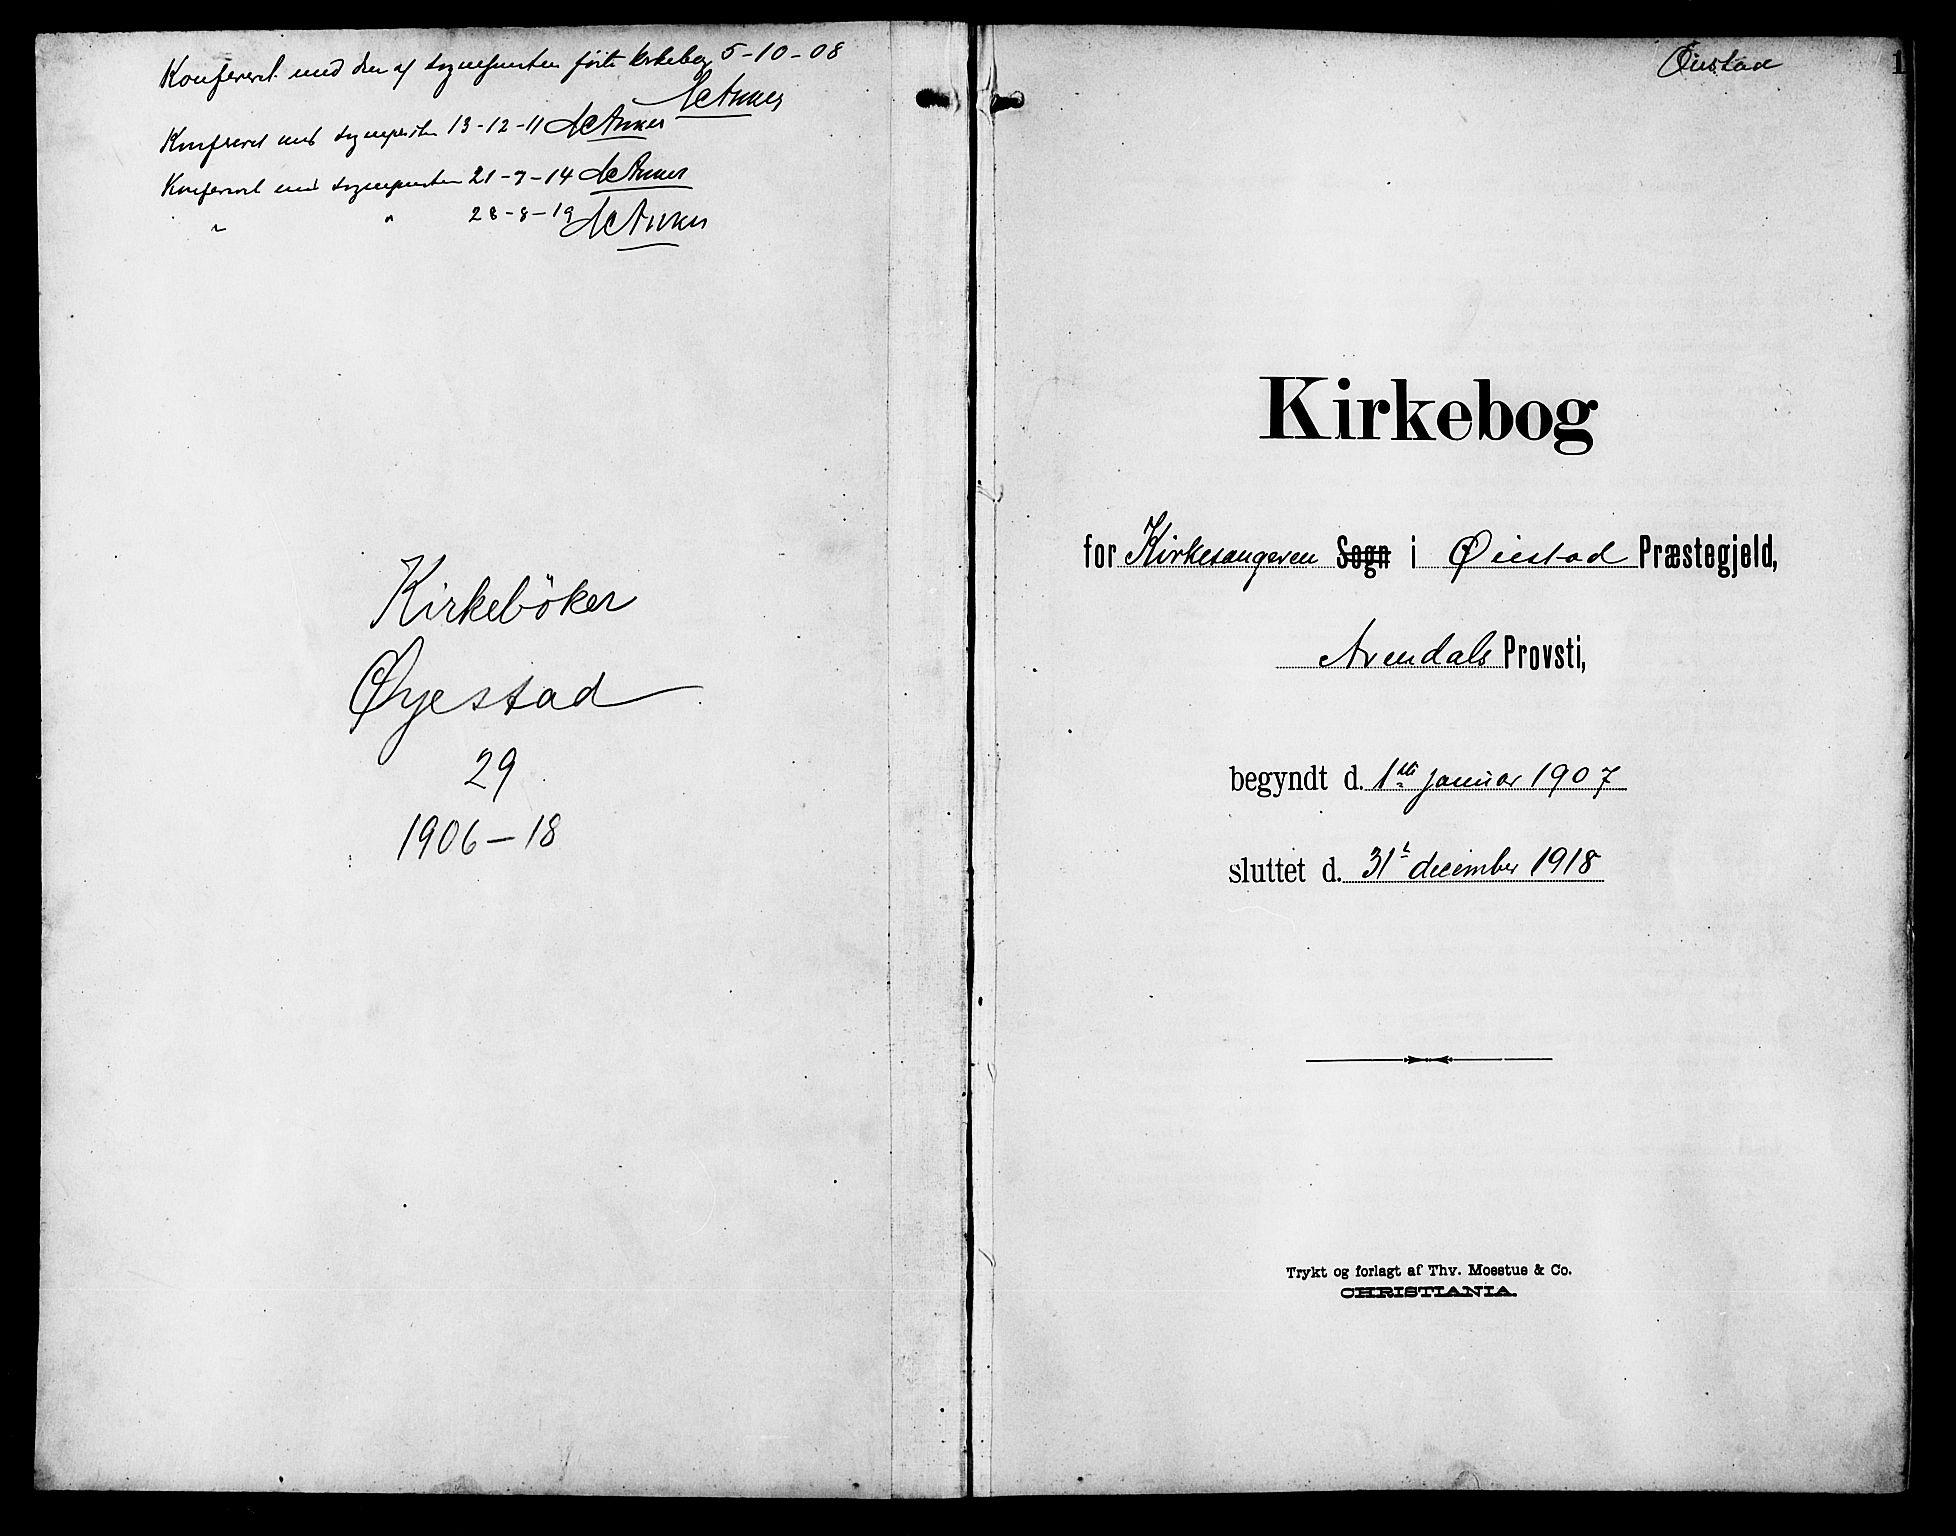 SAK, Øyestad sokneprestkontor, F/Fb/L0011: Klokkerbok nr. B 11, 1906-1918, s. 1